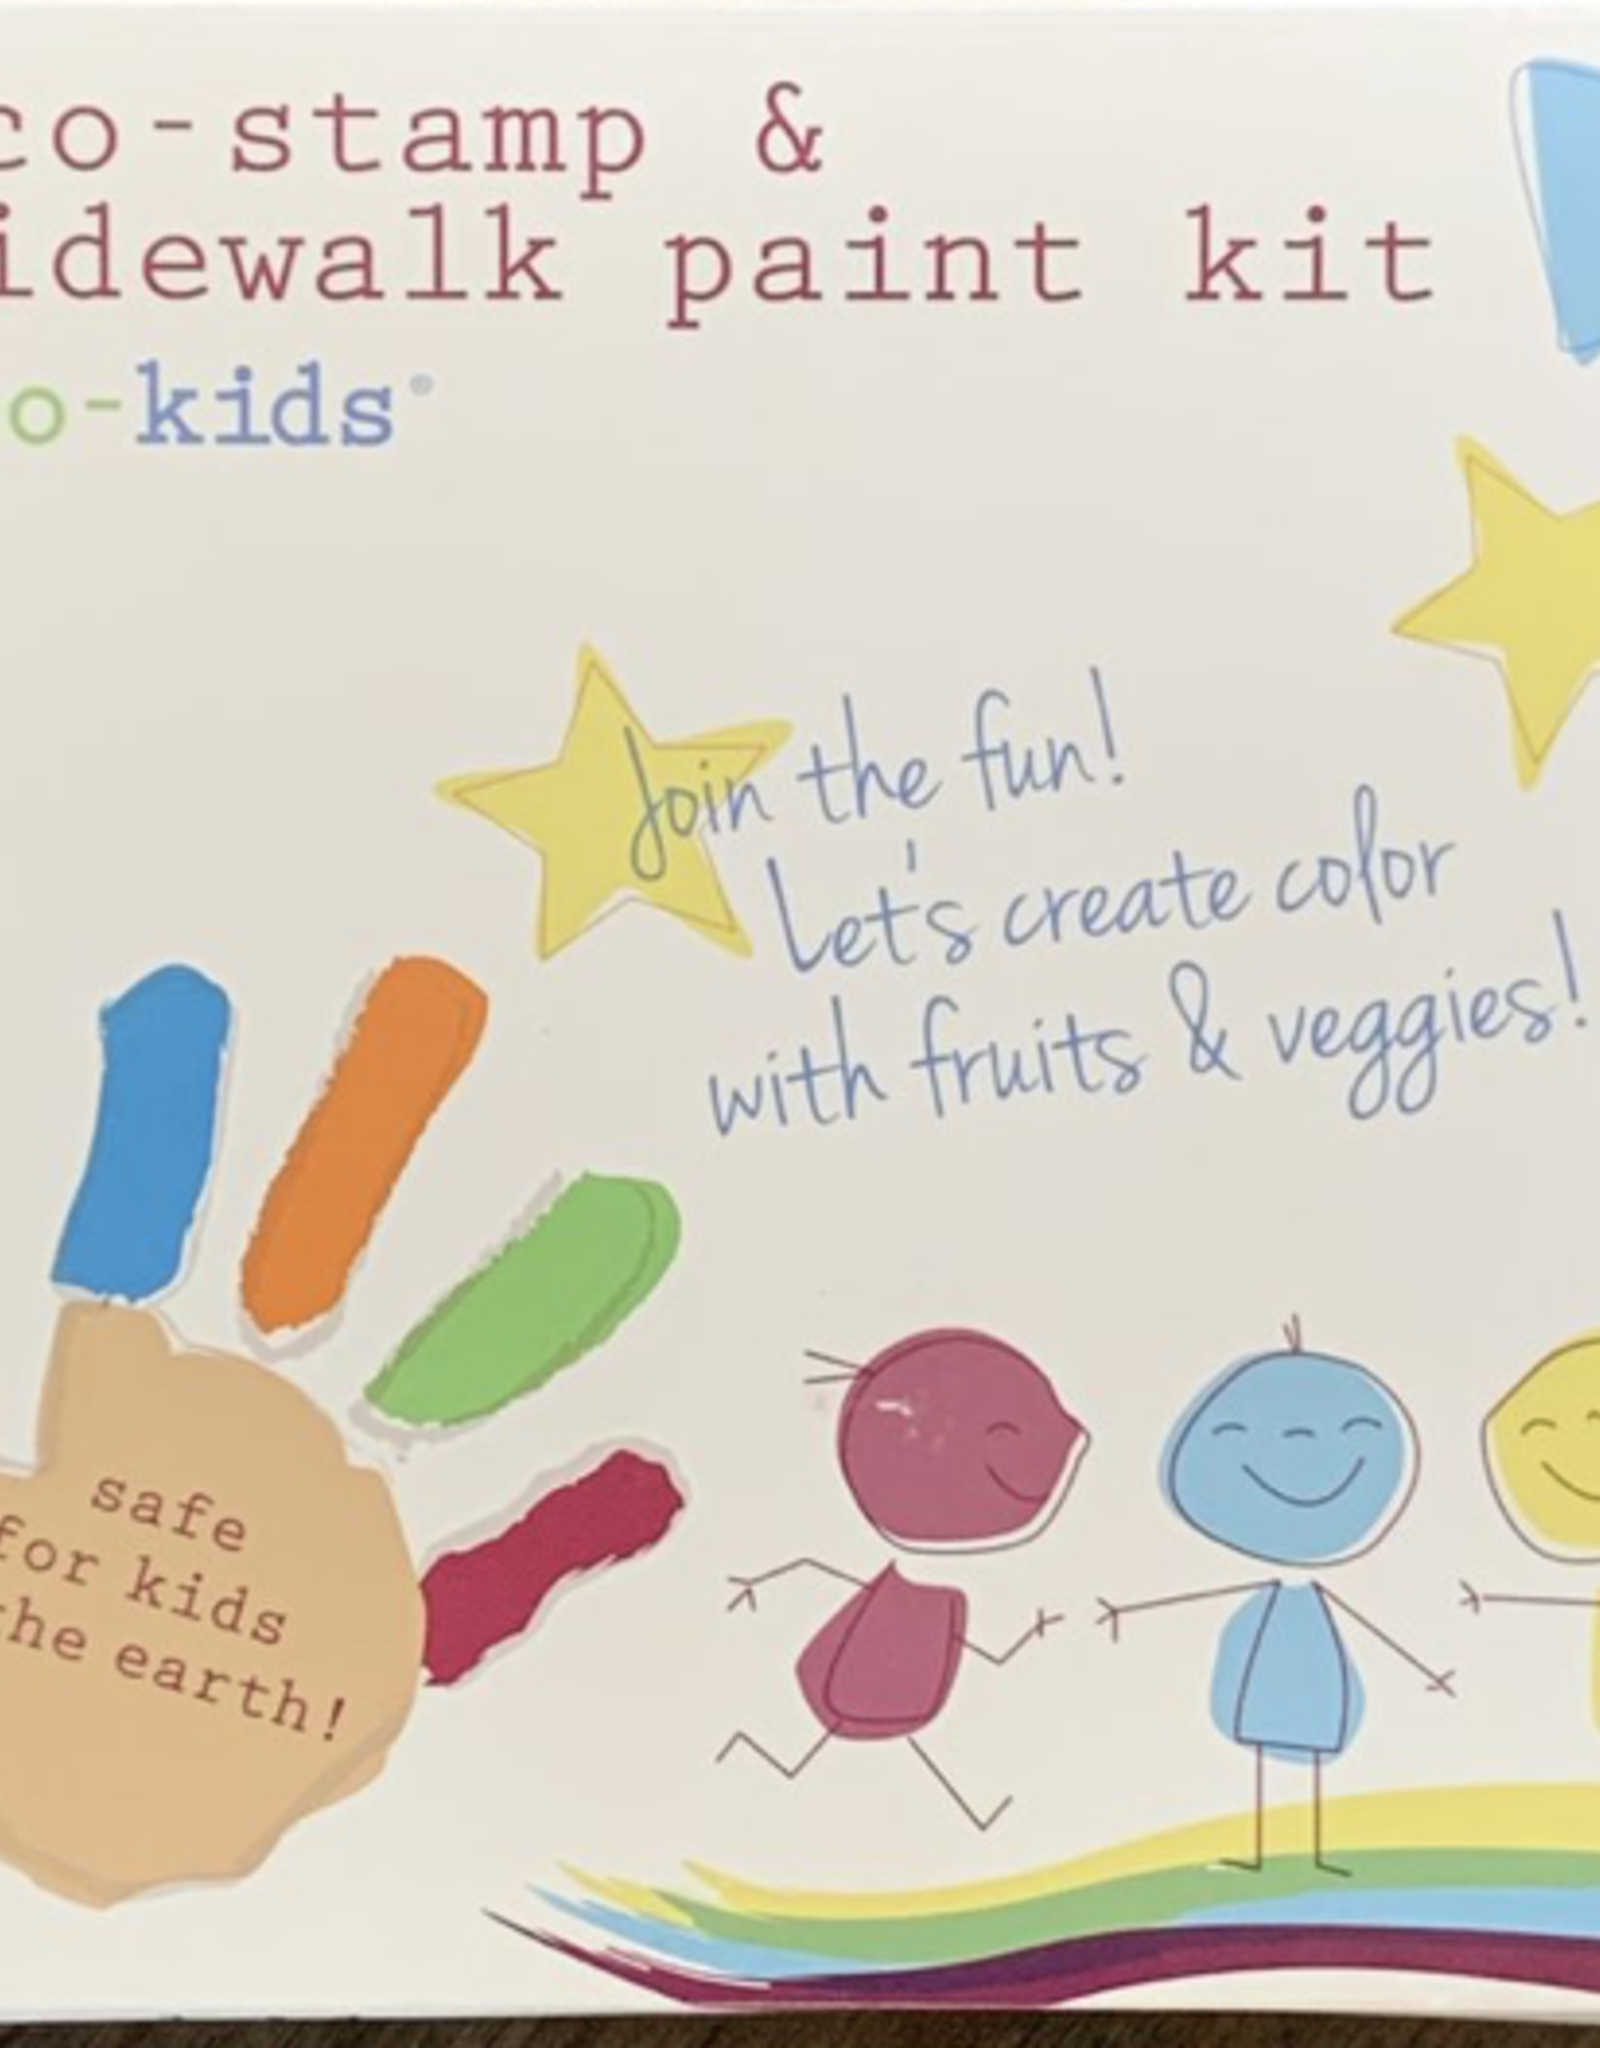 Eco-Stamp & Sidewalk Paint Kit